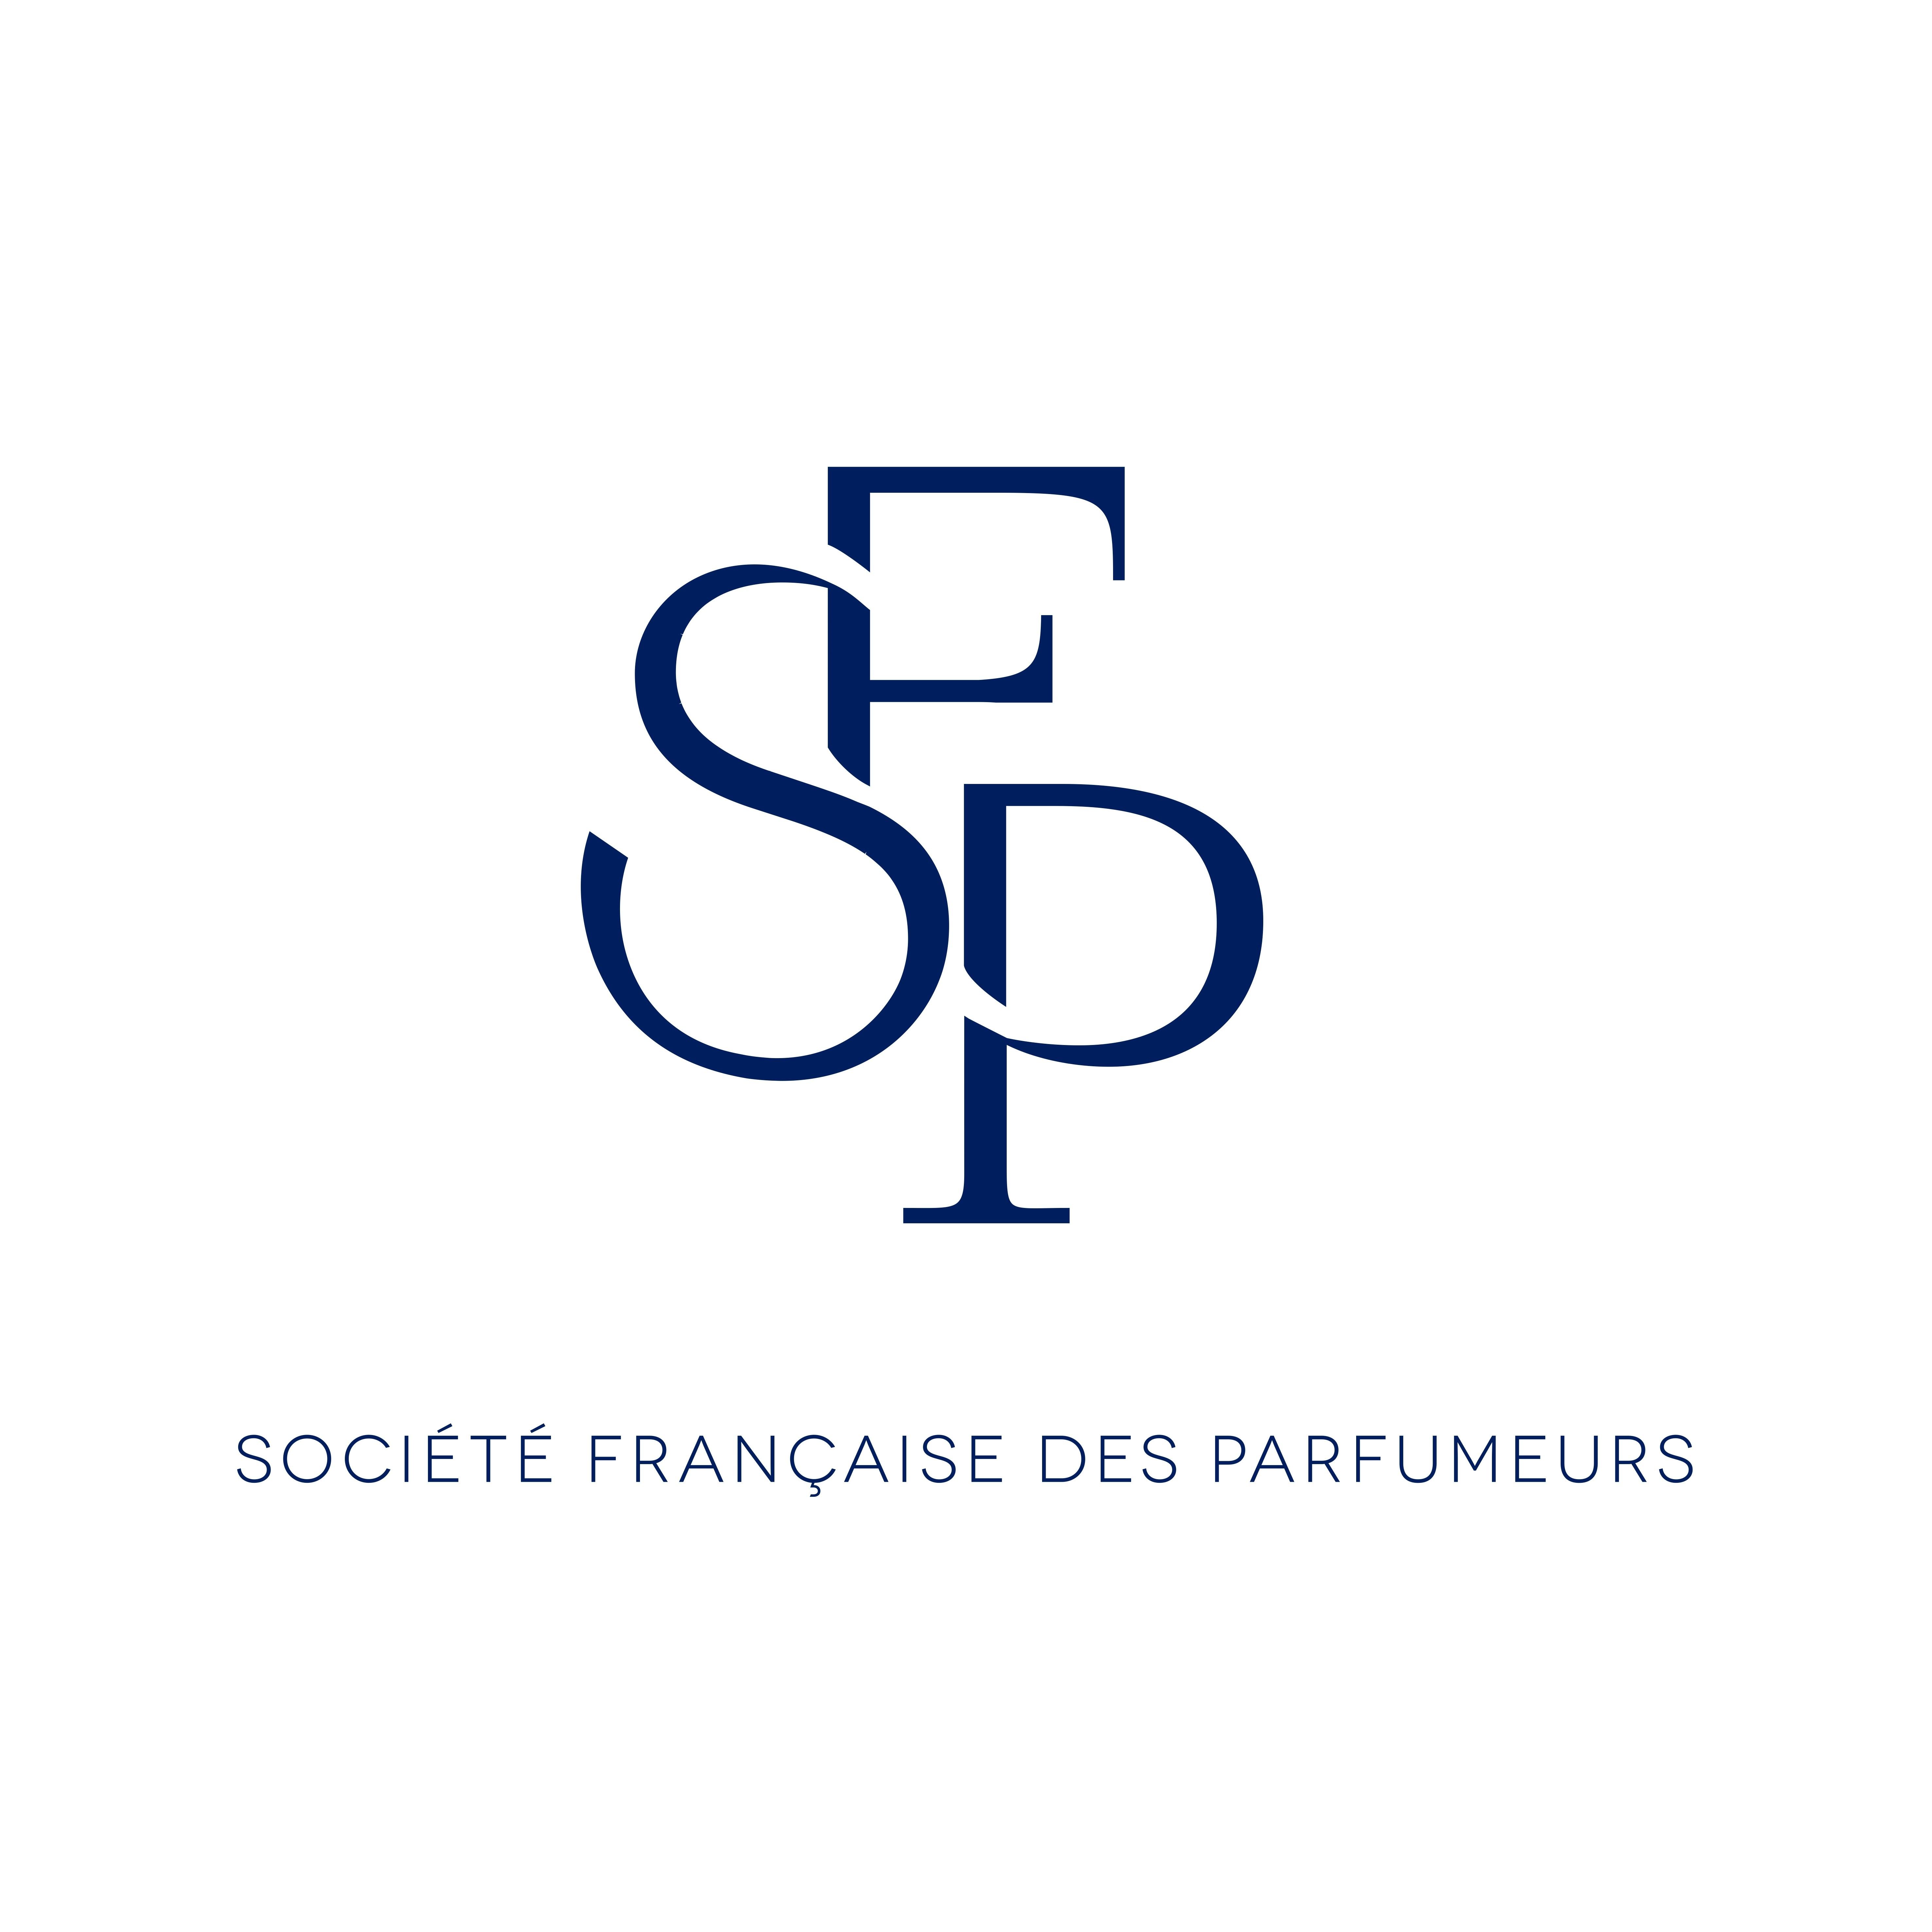 SOCIÉTÉ FRANÇAISE DES PARFUMEURS